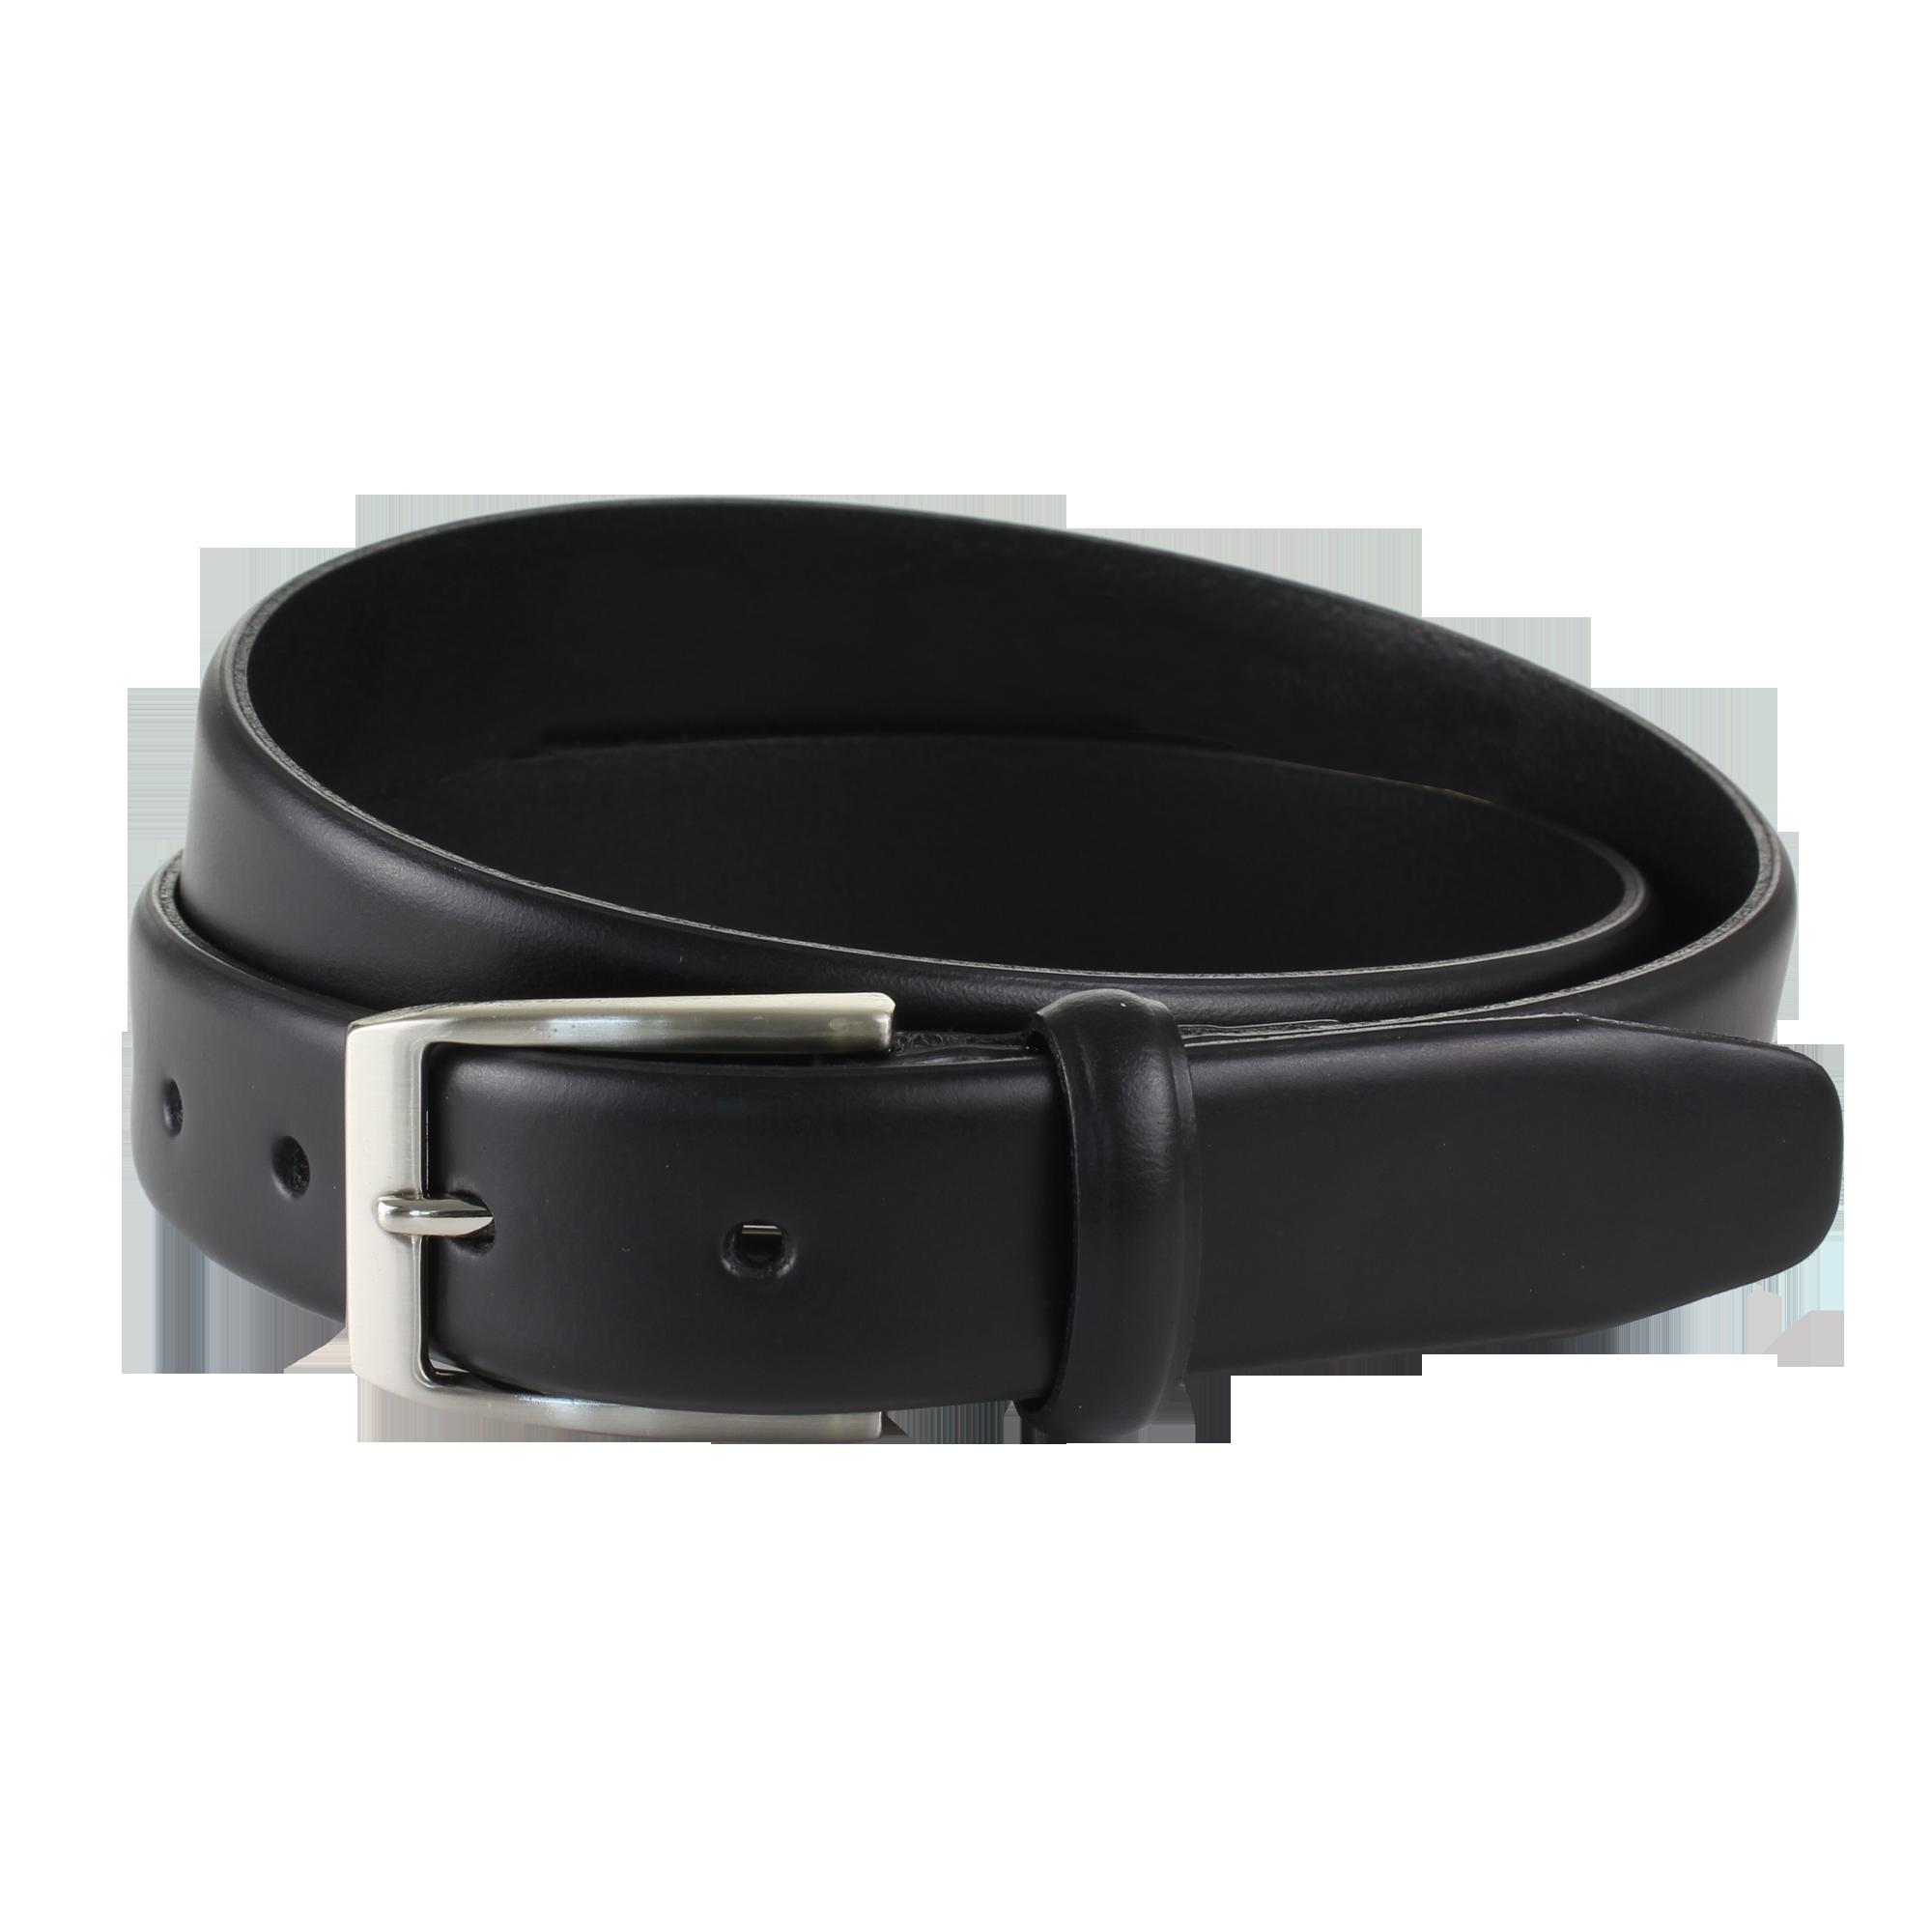 Langham 30mm Black Belt Png Image Belt Black Belt Black